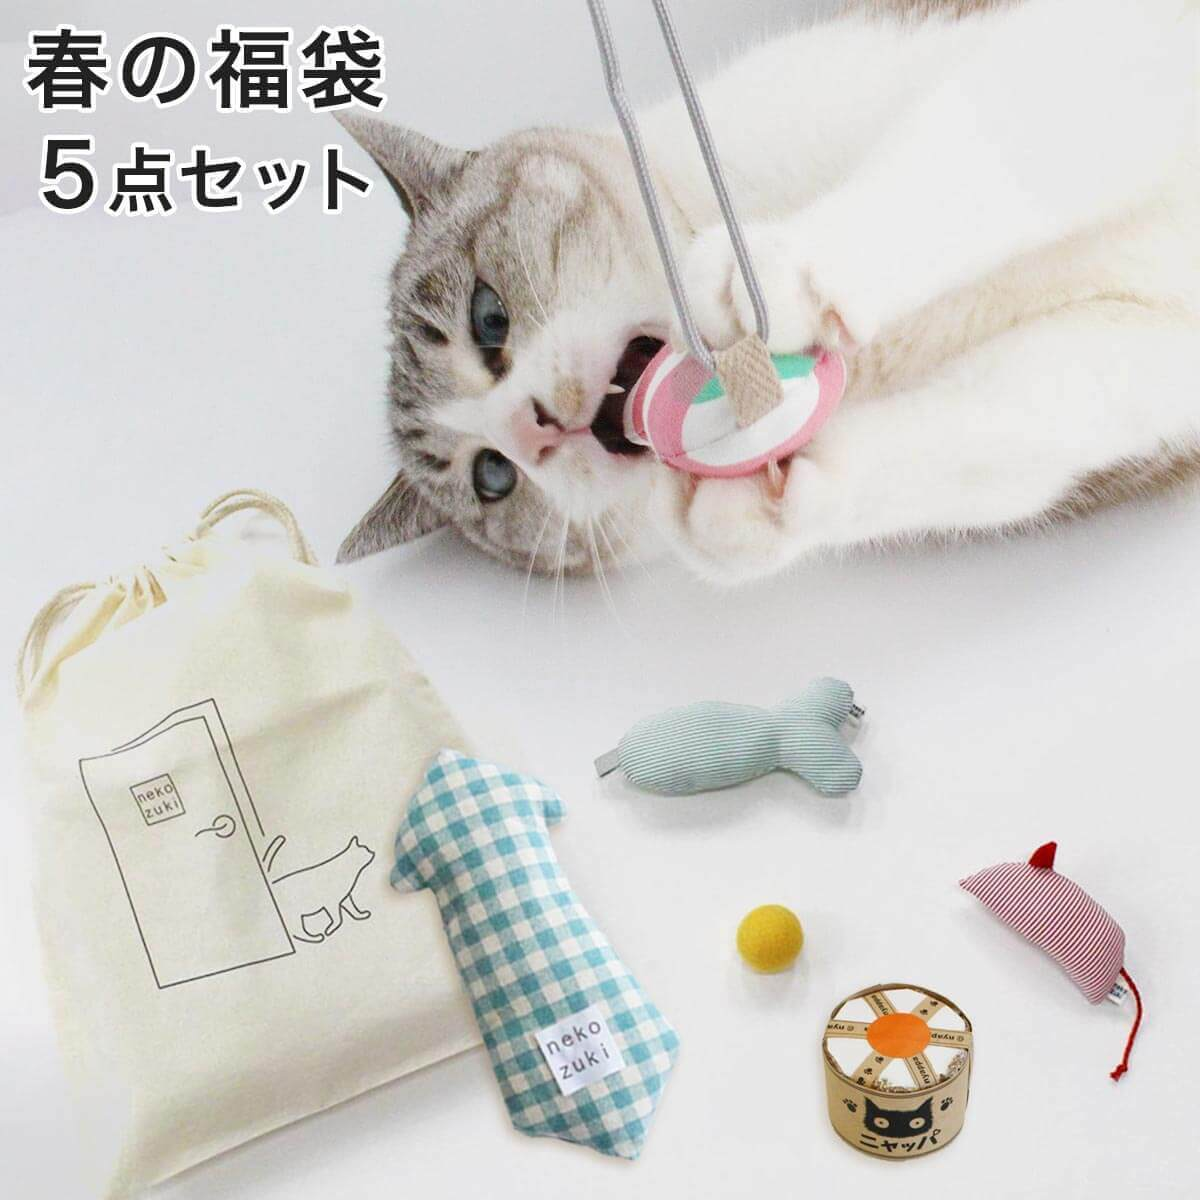 ネコさんの春おすすめグッズ:春の福袋5点セット